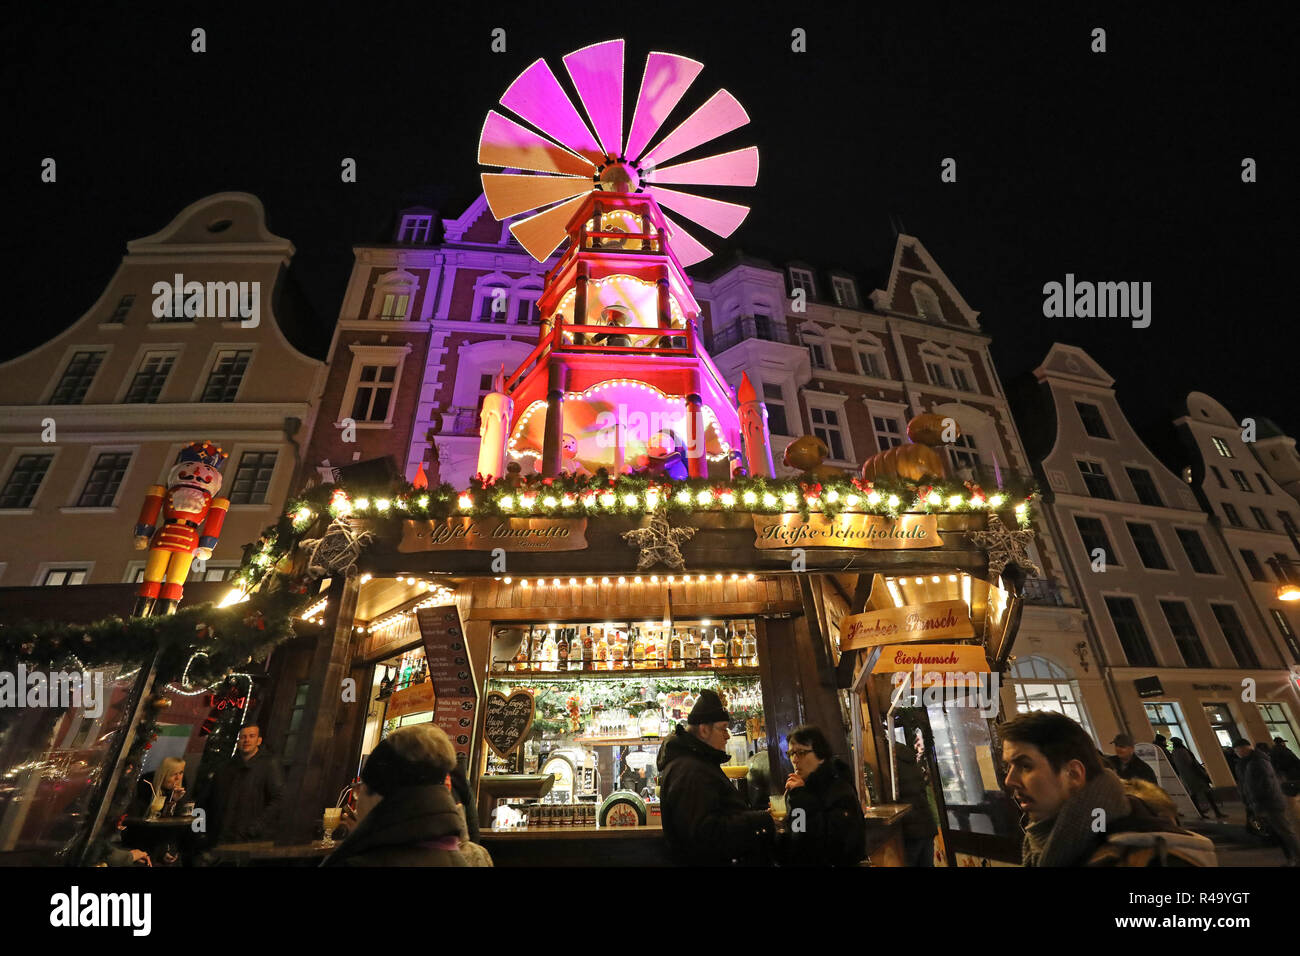 Weihnachtsmarkt In Rostock.Rostock Deutschland 26 Nov 2018 Nach Der Eröffnung Des